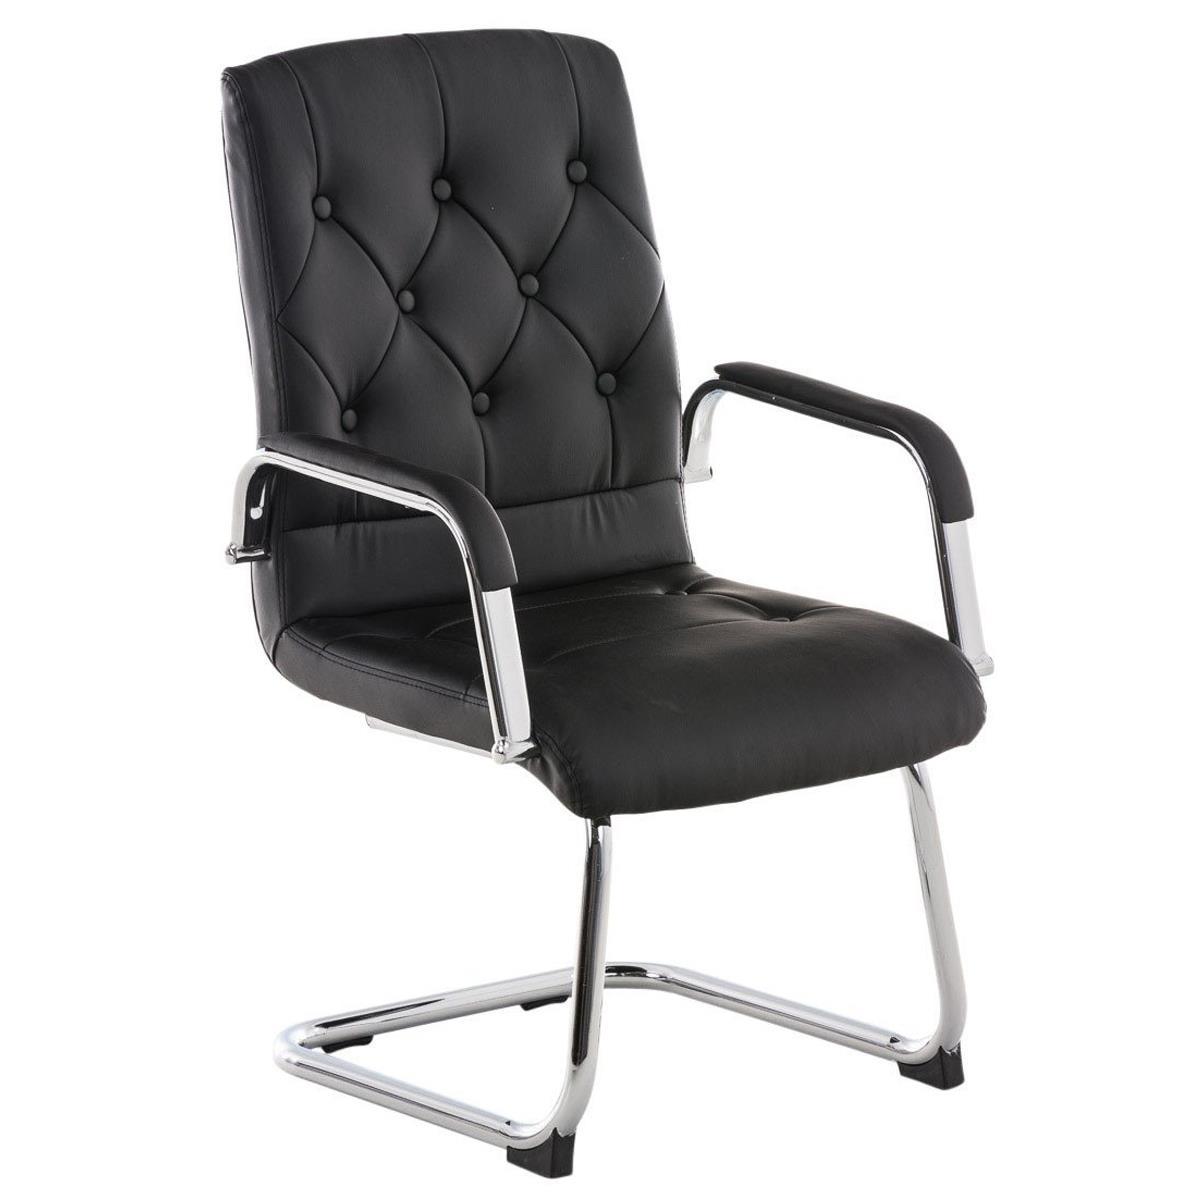 Scegli fra 9 design di sedie per sala d 39 attesa for Sedia per sala d attesa